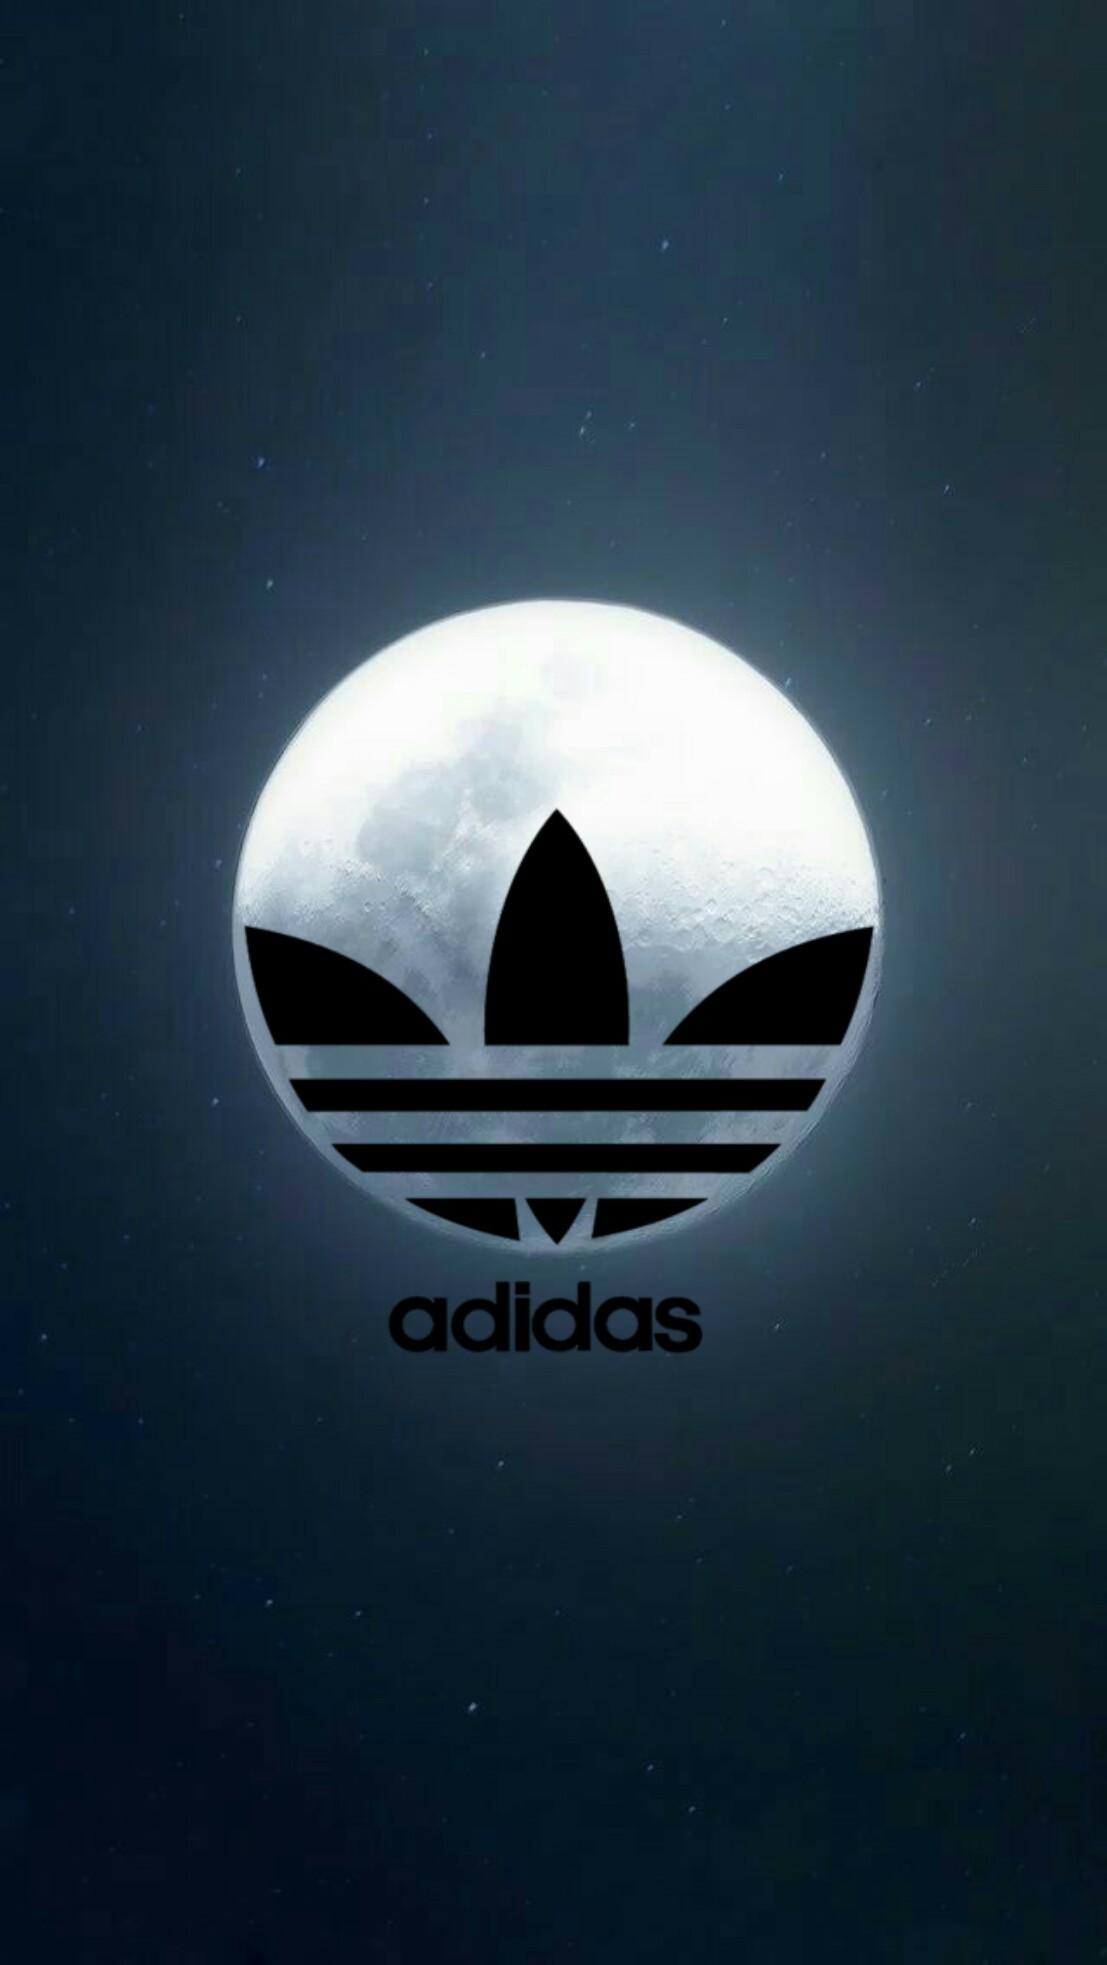 Adidas Originals Wallpaper 59 Images